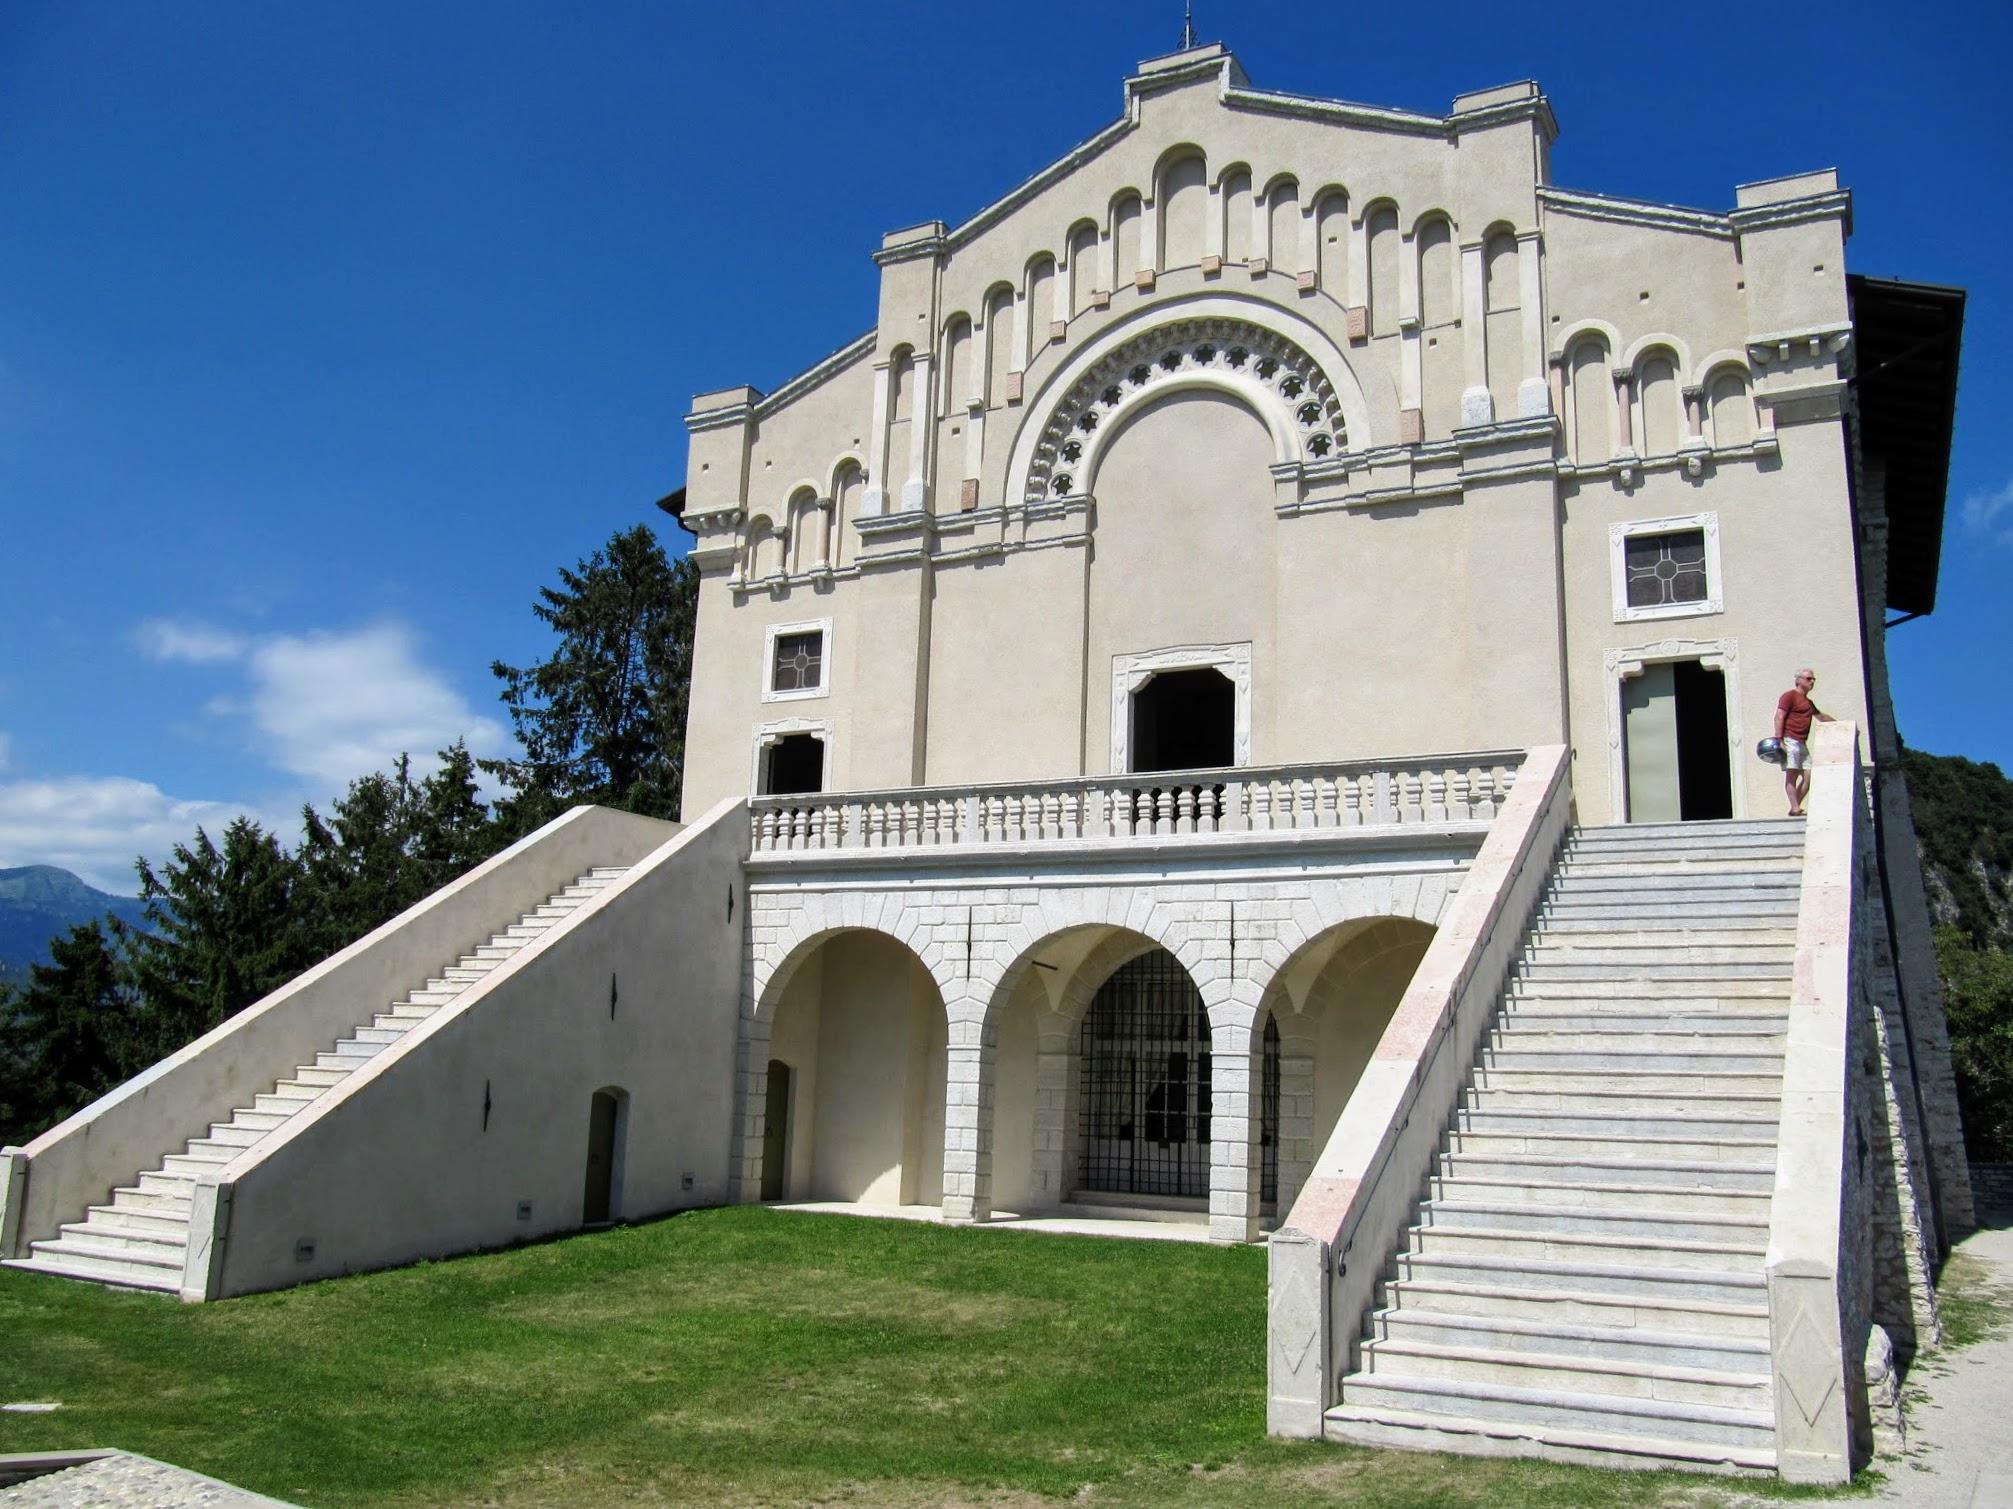 Trappen Santuario di Montecastello in Tignale